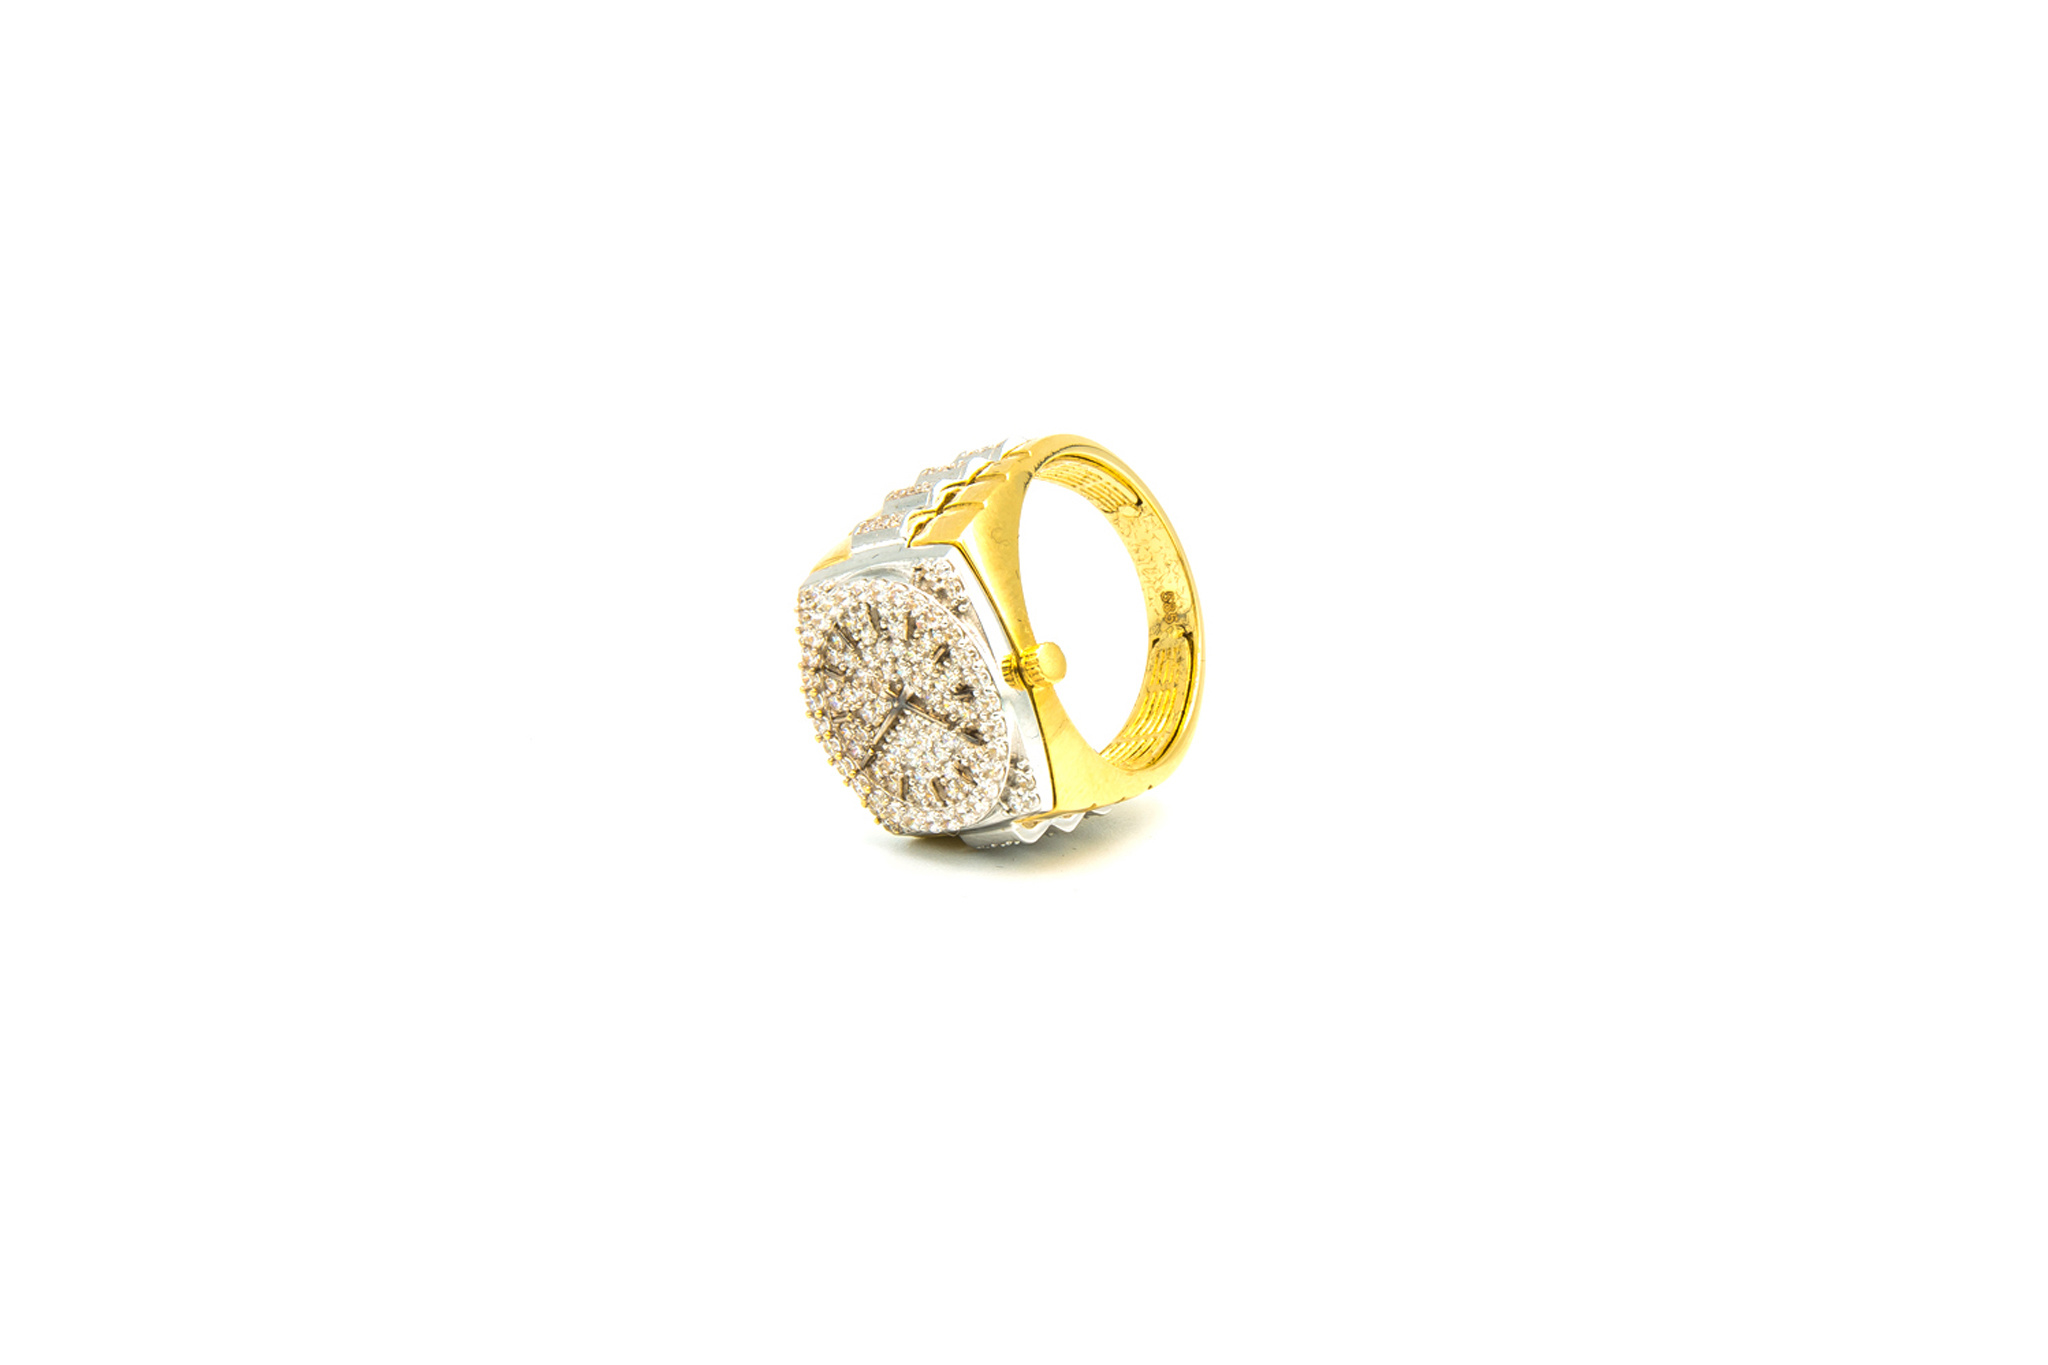 Ring horloge bezet met zirkonia's, bicolor-5